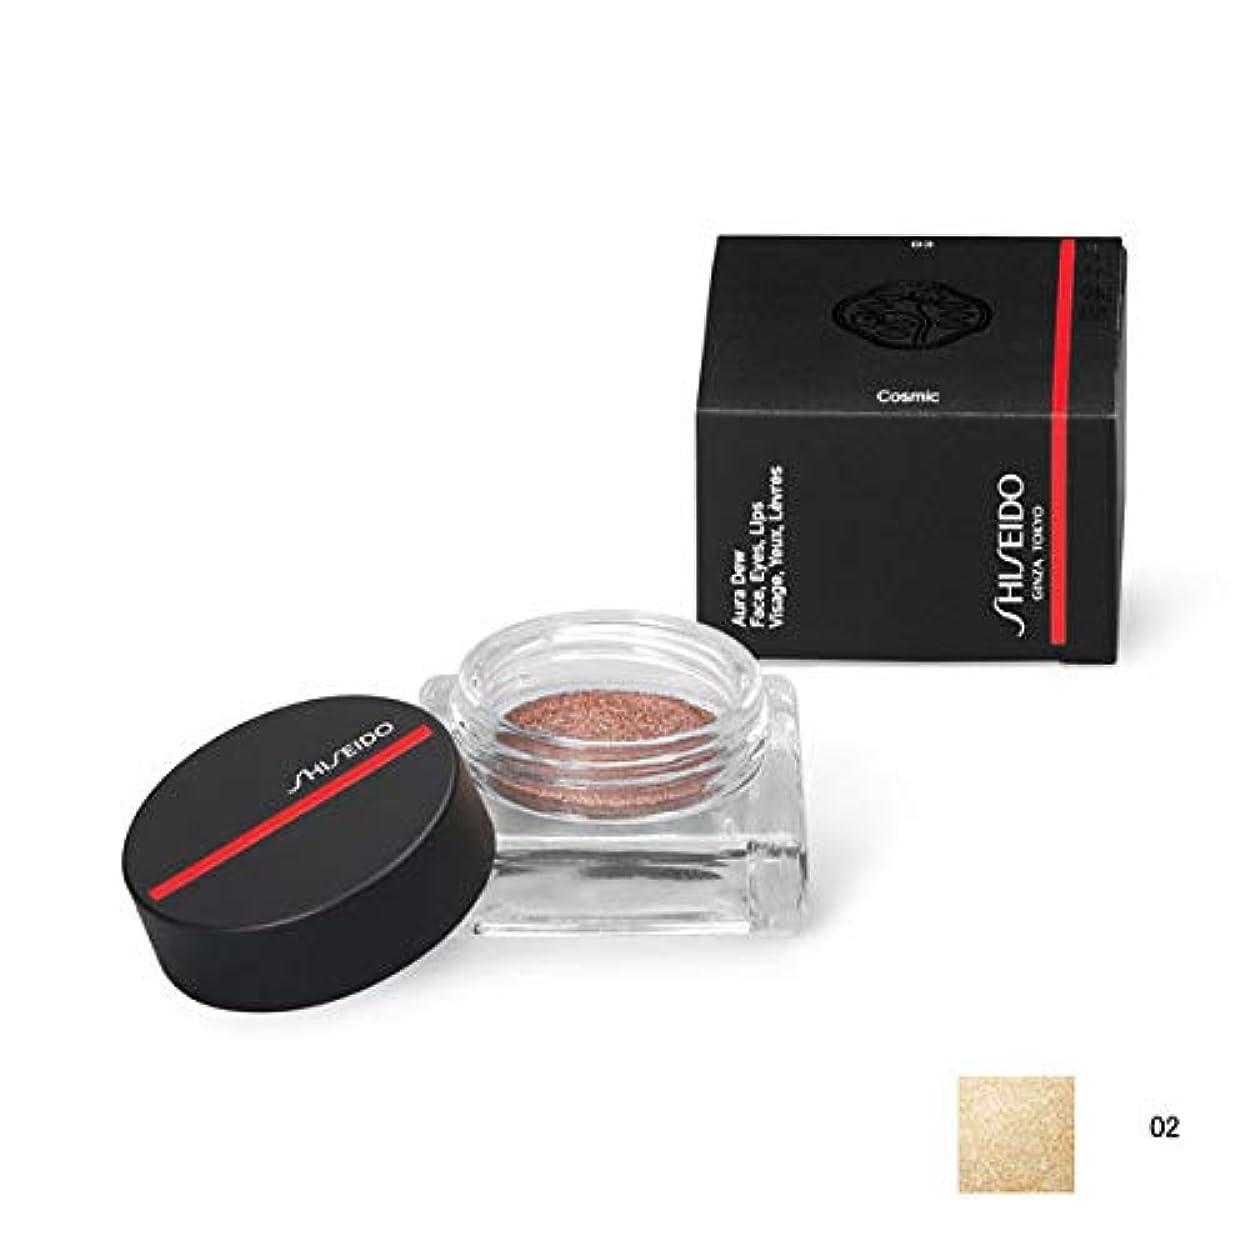 酸化物繊維プロットSHISEIDO Makeup(資生堂 メーキャップ) SHISEIDO(資生堂) SHISEIDO オーラデュウ プリズム 4.8g (02)